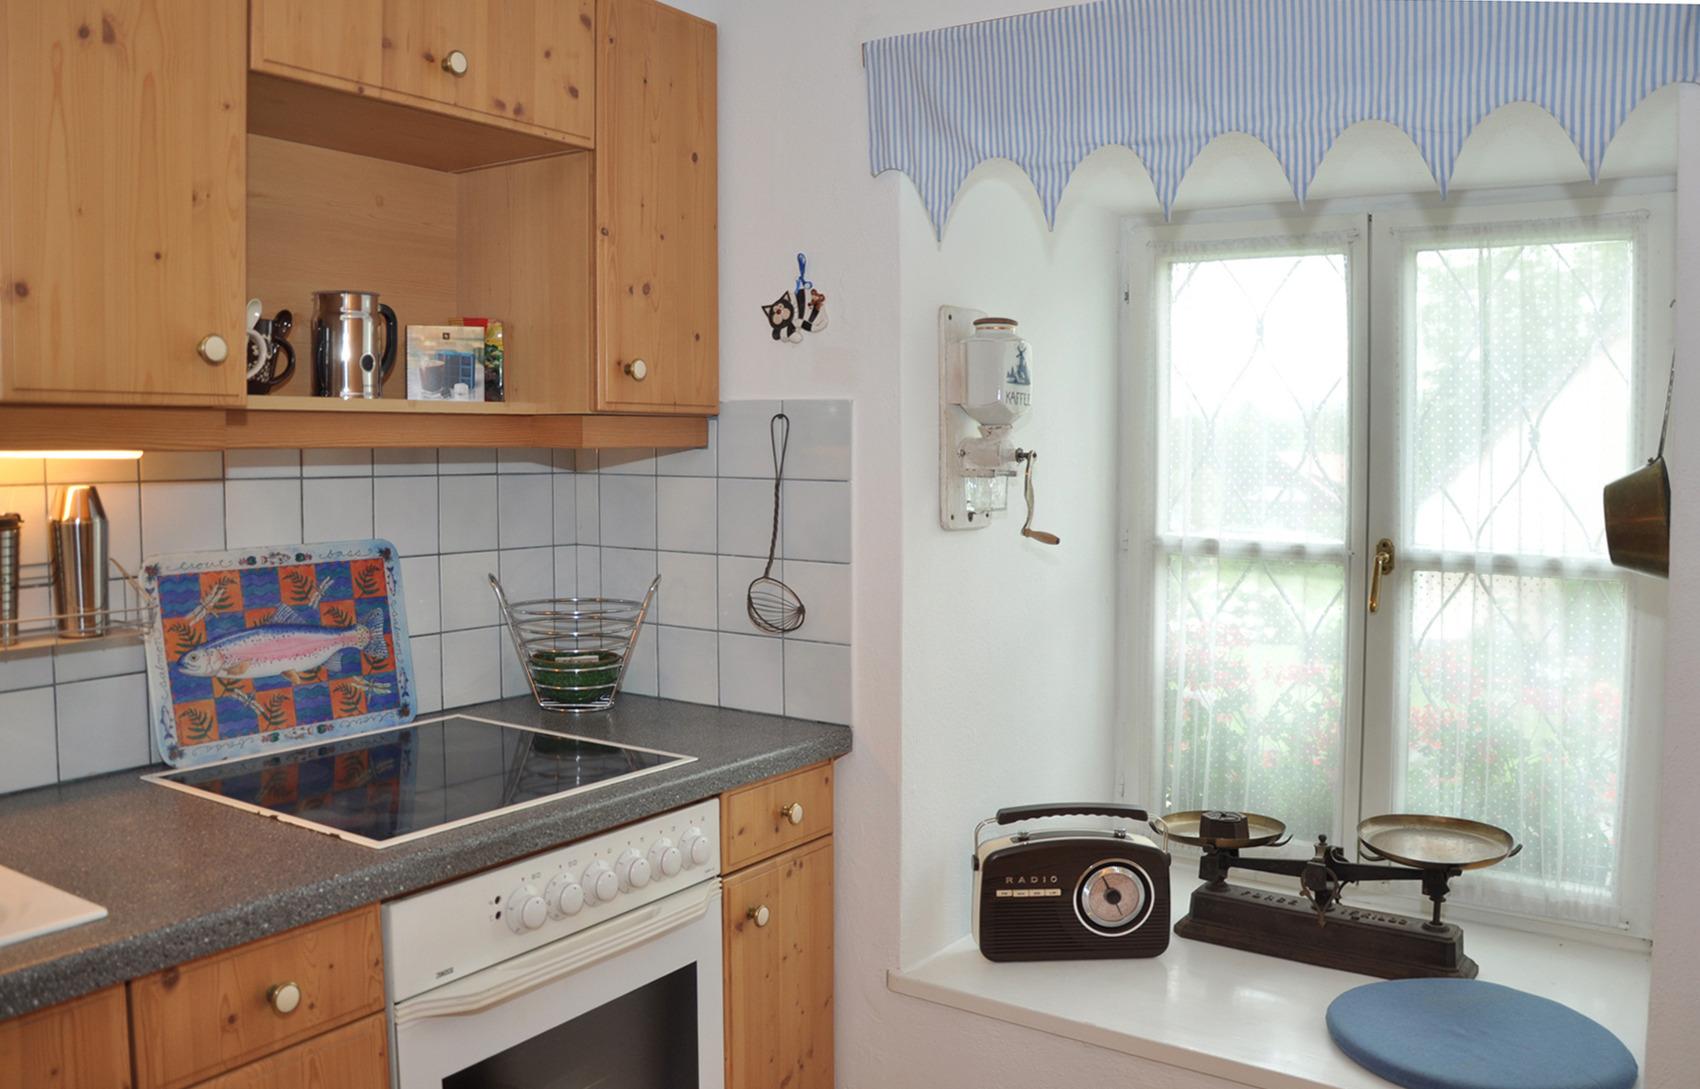 Appartement de vacances Salzburg/Ferienparadies am See/Goldener Herbst/ Christmas & Sylvester (2374298), Seekirchen am Wallersee, Salzbourg plaine, Salzbourg, Autriche, image 7